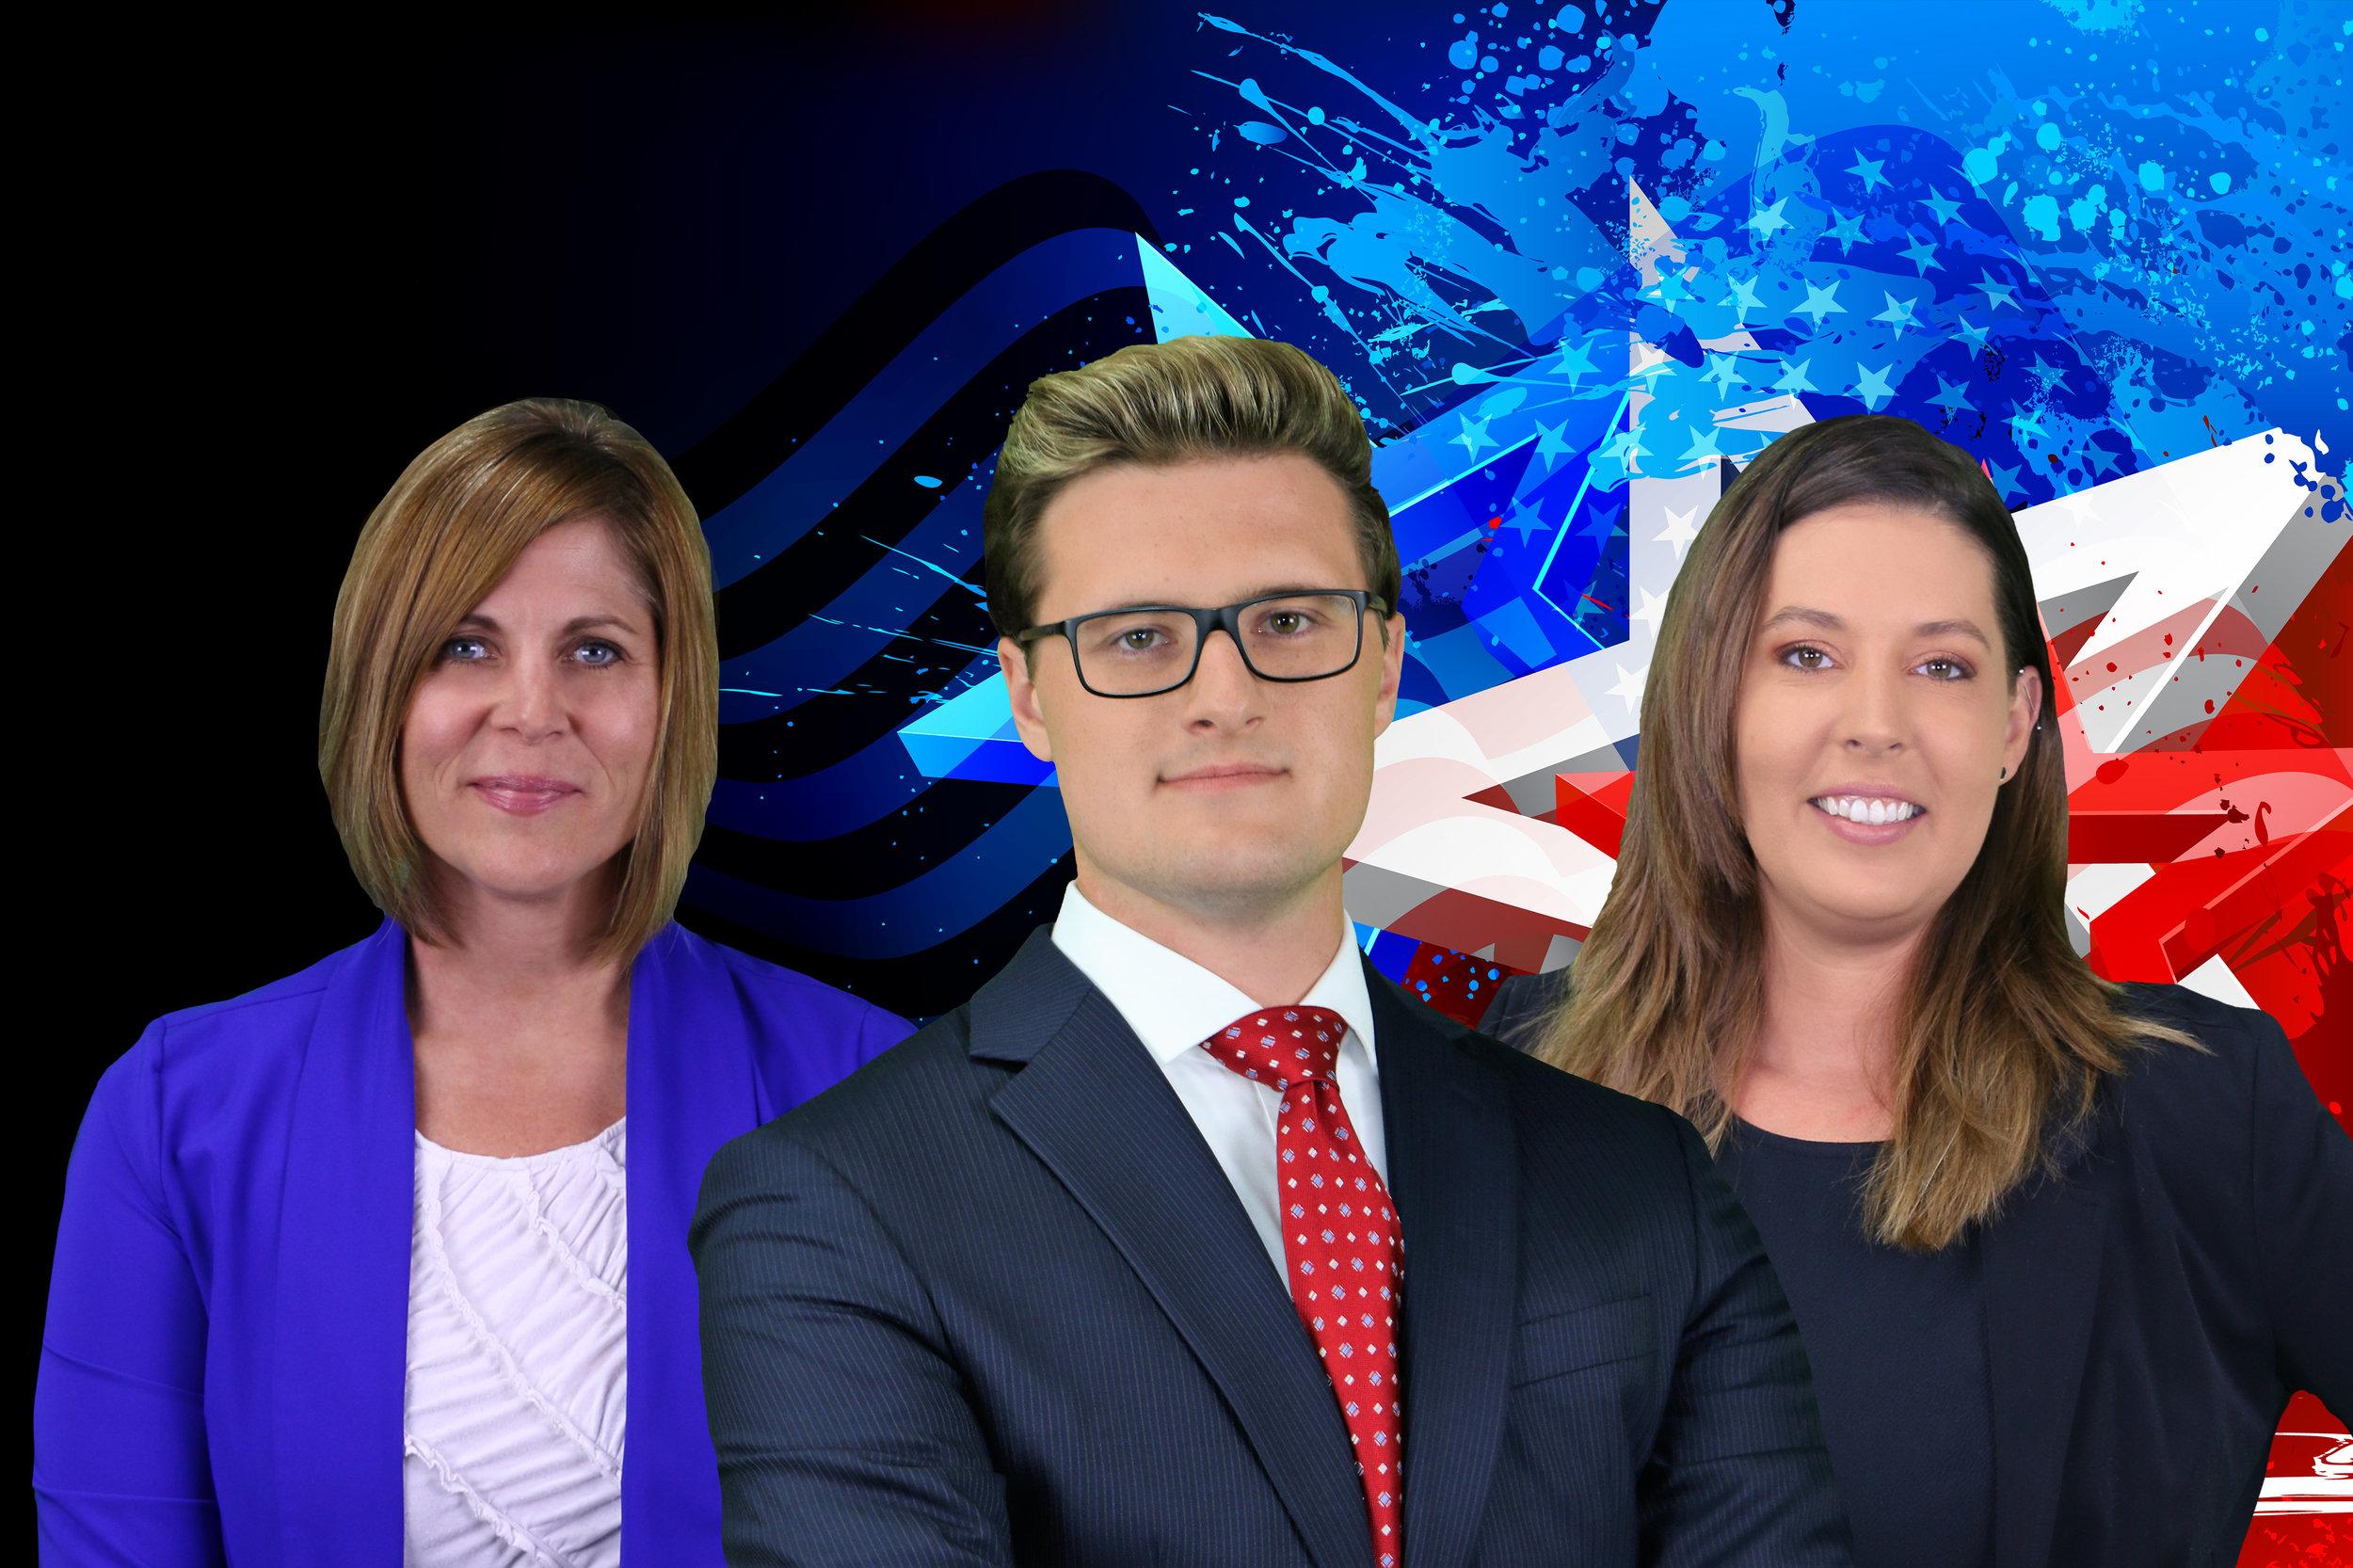 Candidates together - revised July 2019.jpg